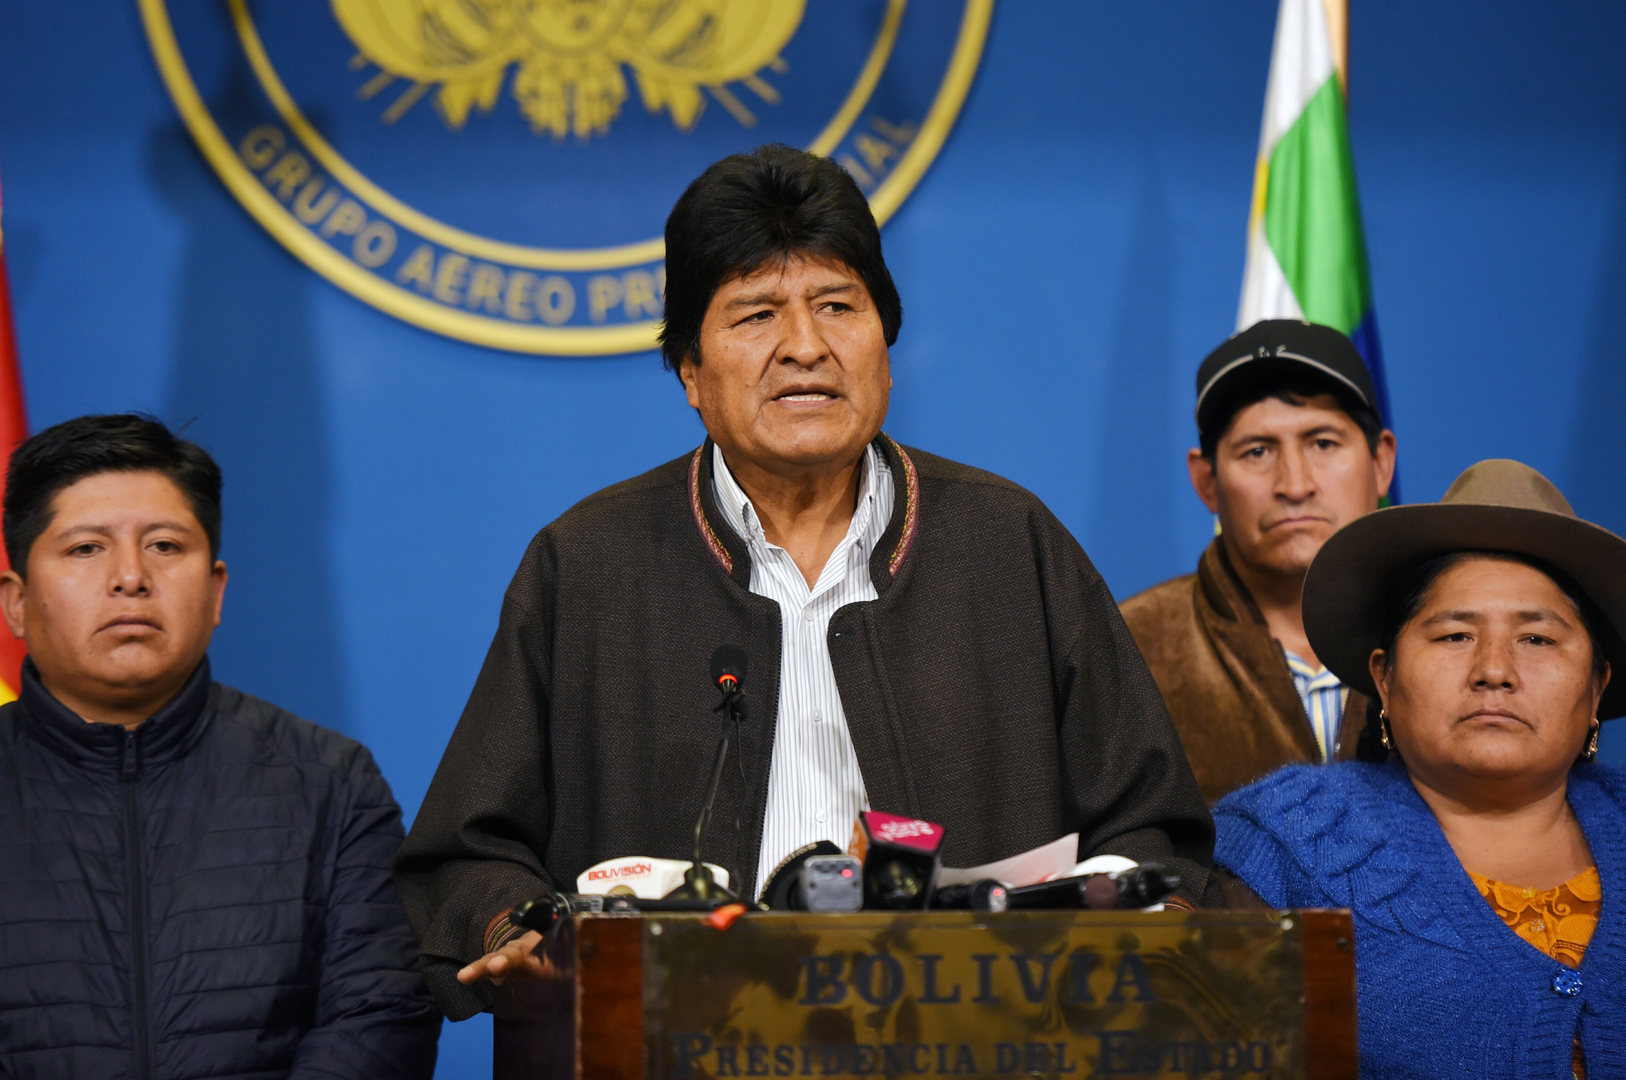 الرئيس البوليفي إيفو موراليس يعلن الاستقالة من منصبه